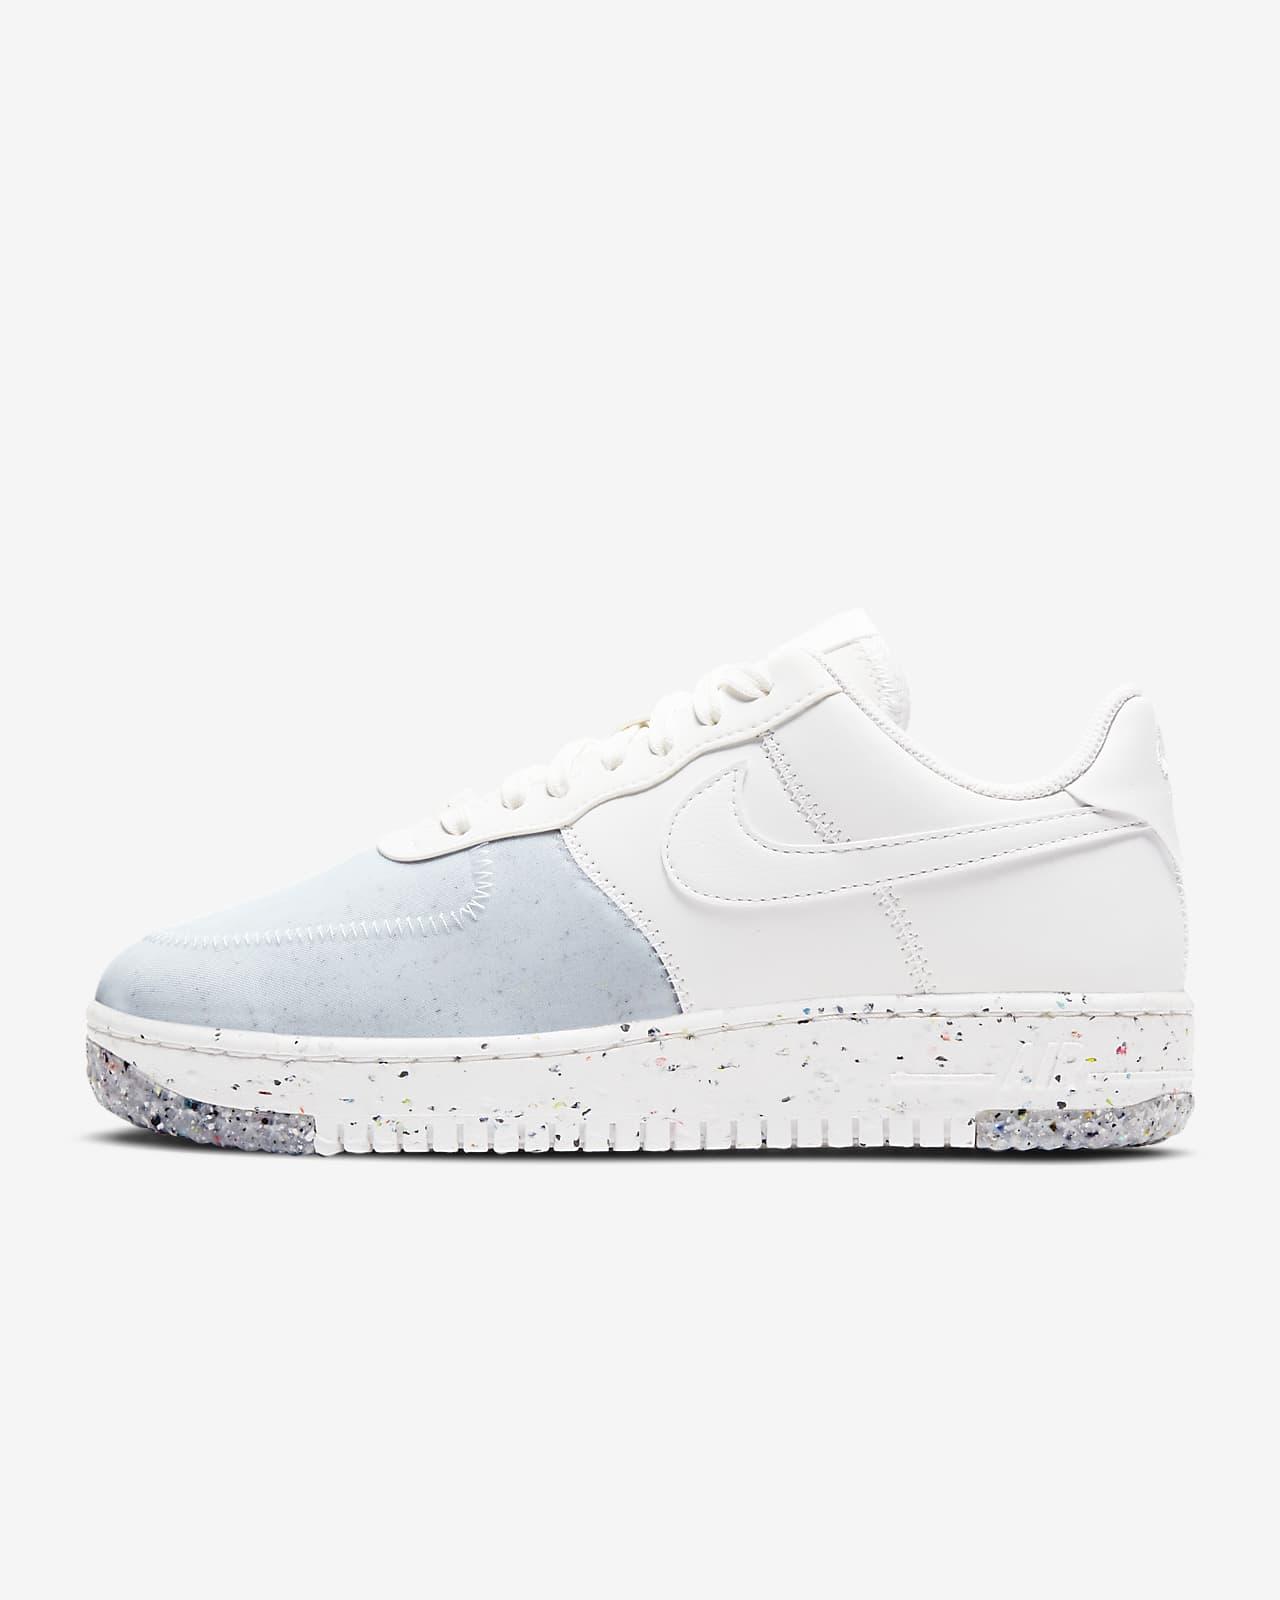 Sko Nike Air Force 1 Crater för kvinnor